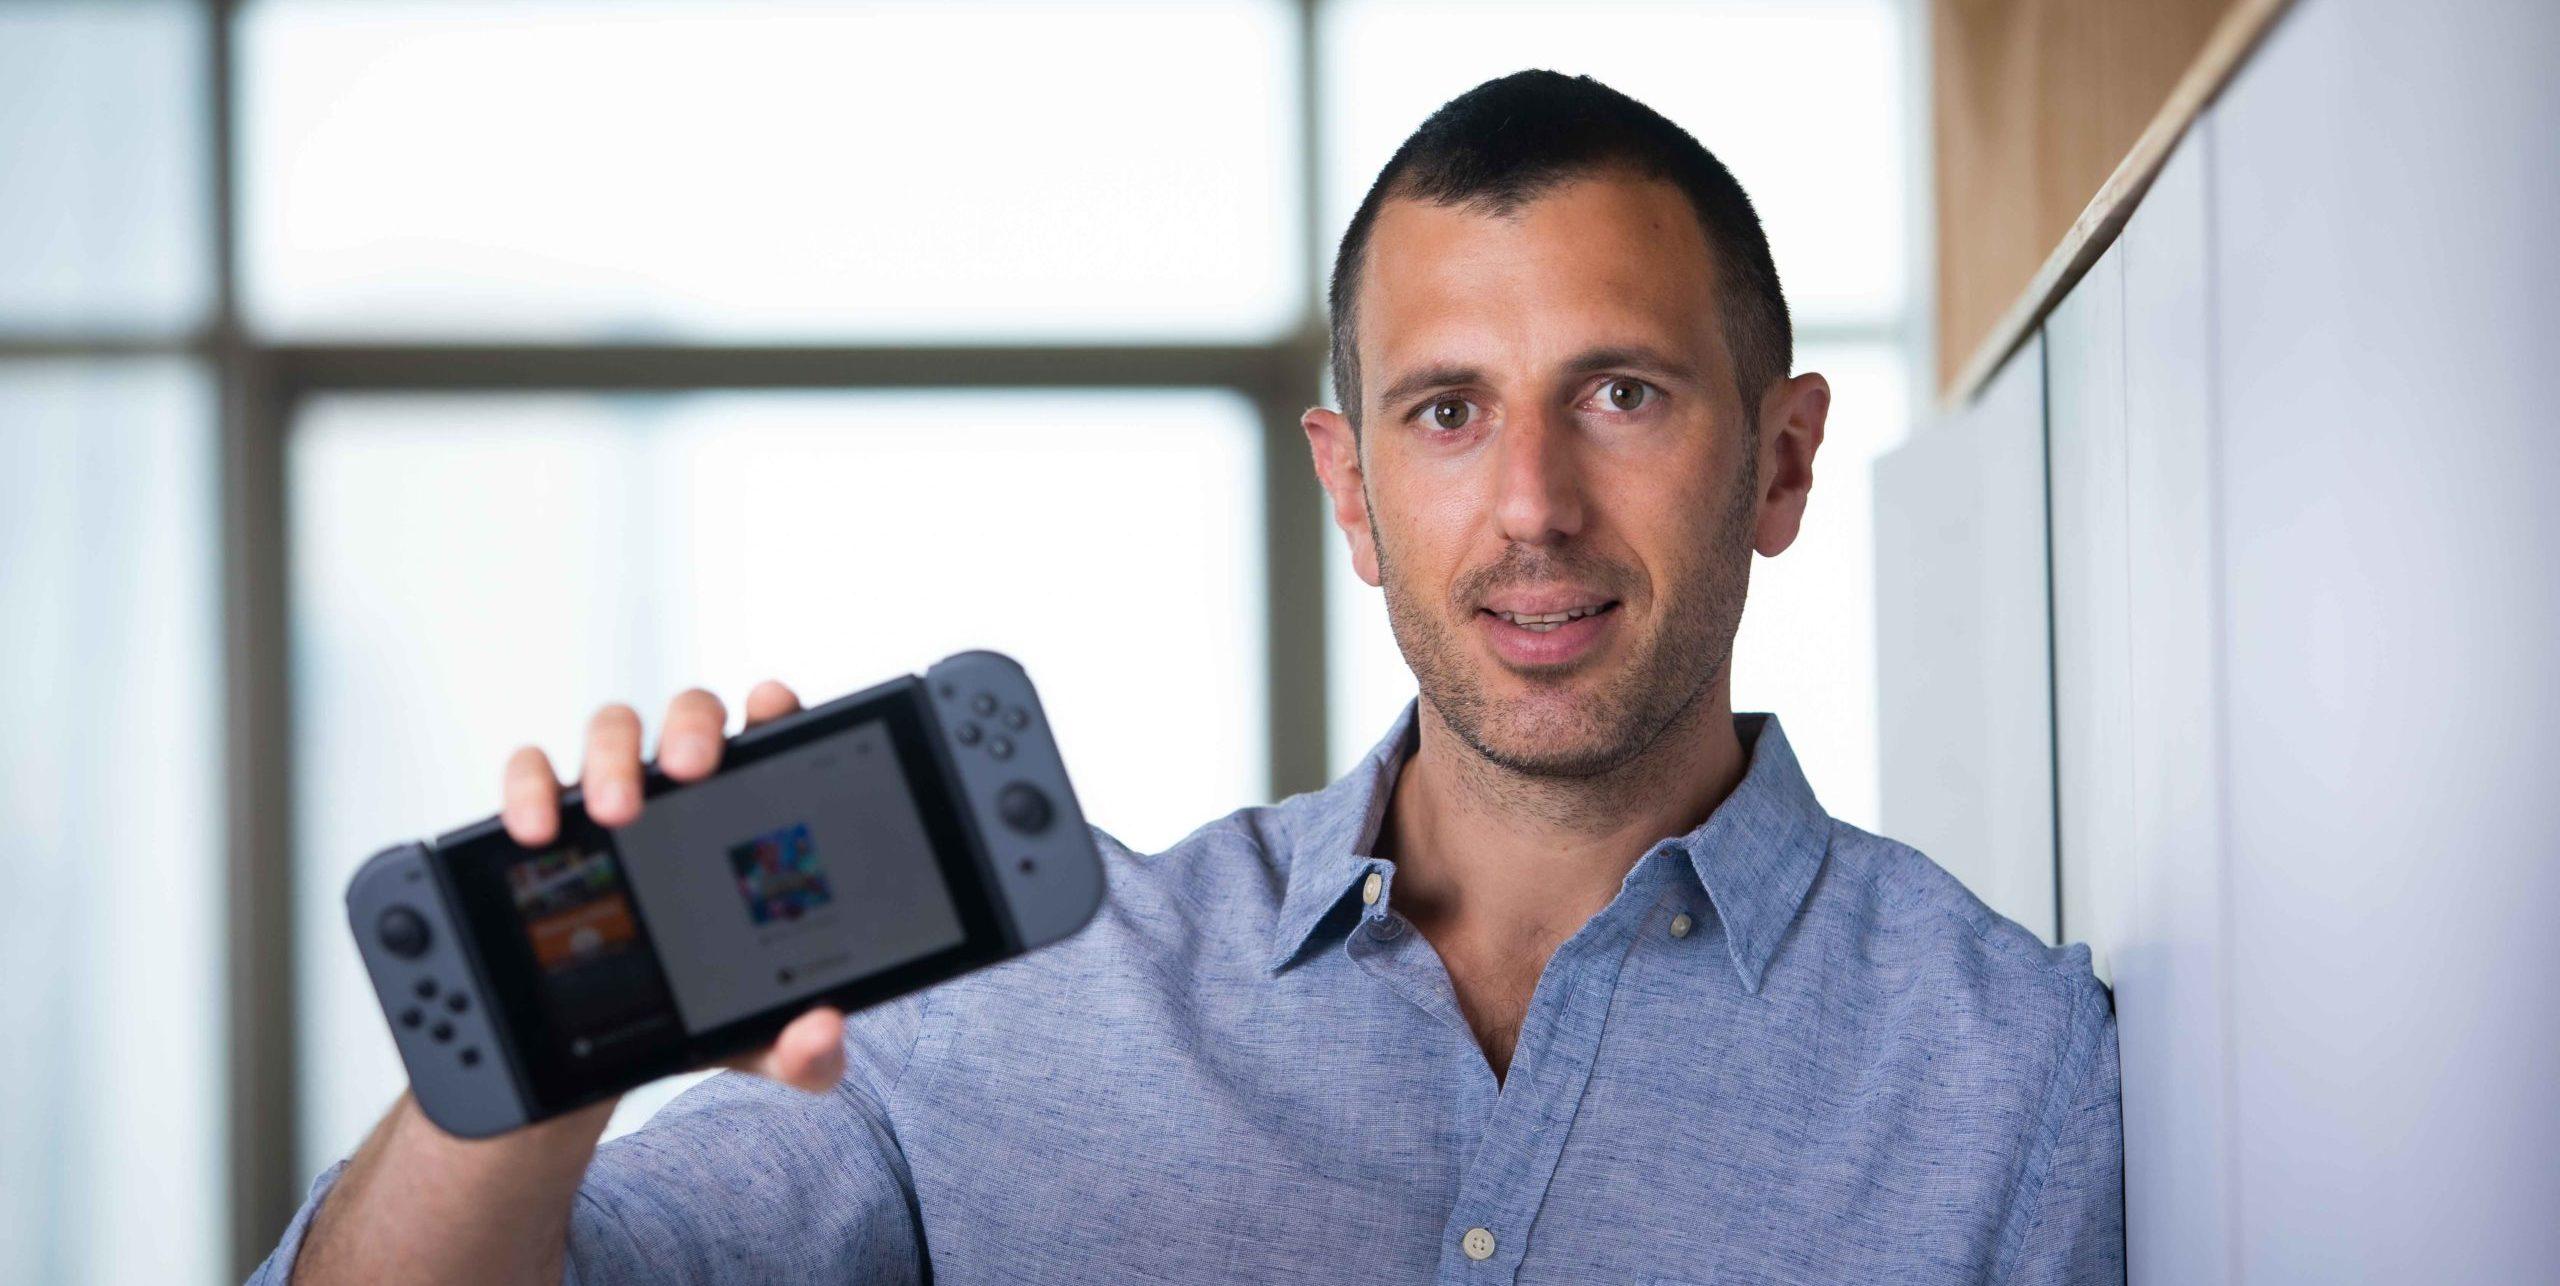 Израильский венчурный фонд VGames инвестирует $40 млн в геймдев. Комментарий Eitan Reisel, основателя VGames